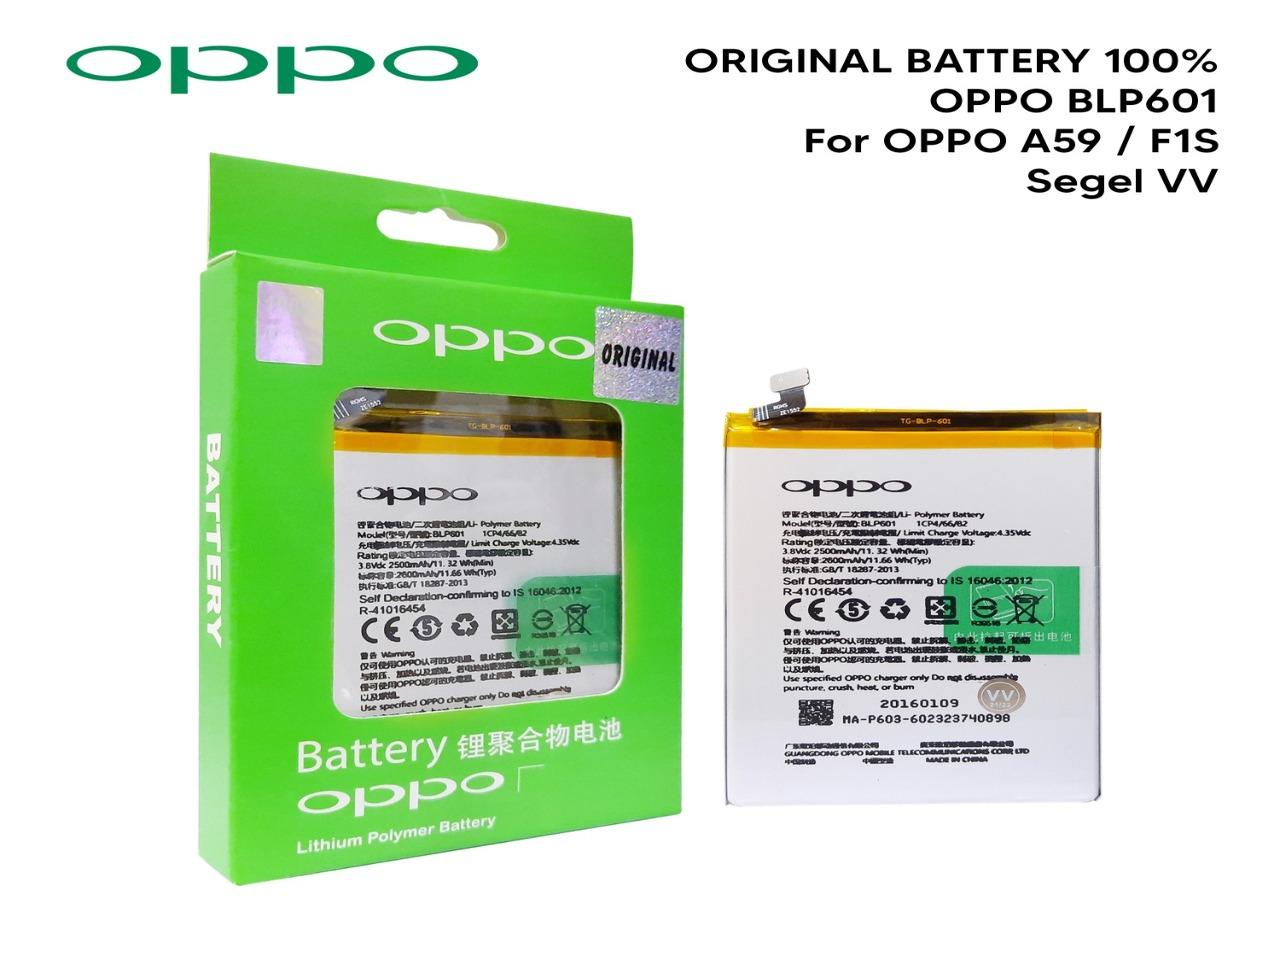 BATRE-OPPO-F1S-BLP601-OPPO-A53